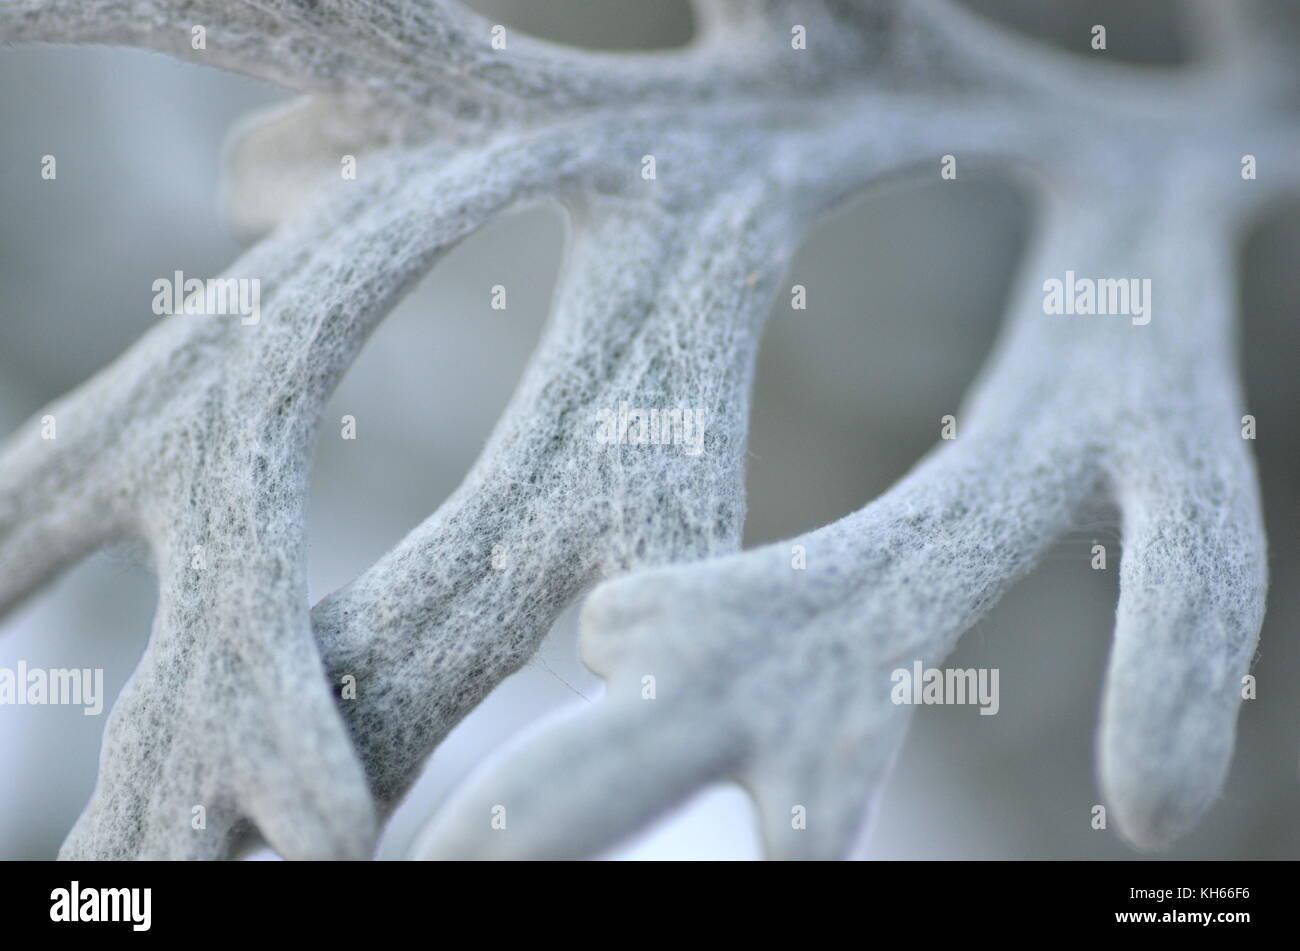 Makro Bild von Dusty Miller silber Staub Sorte (zinerarie Senecio maritima) lassen Sie close-up Stockbild